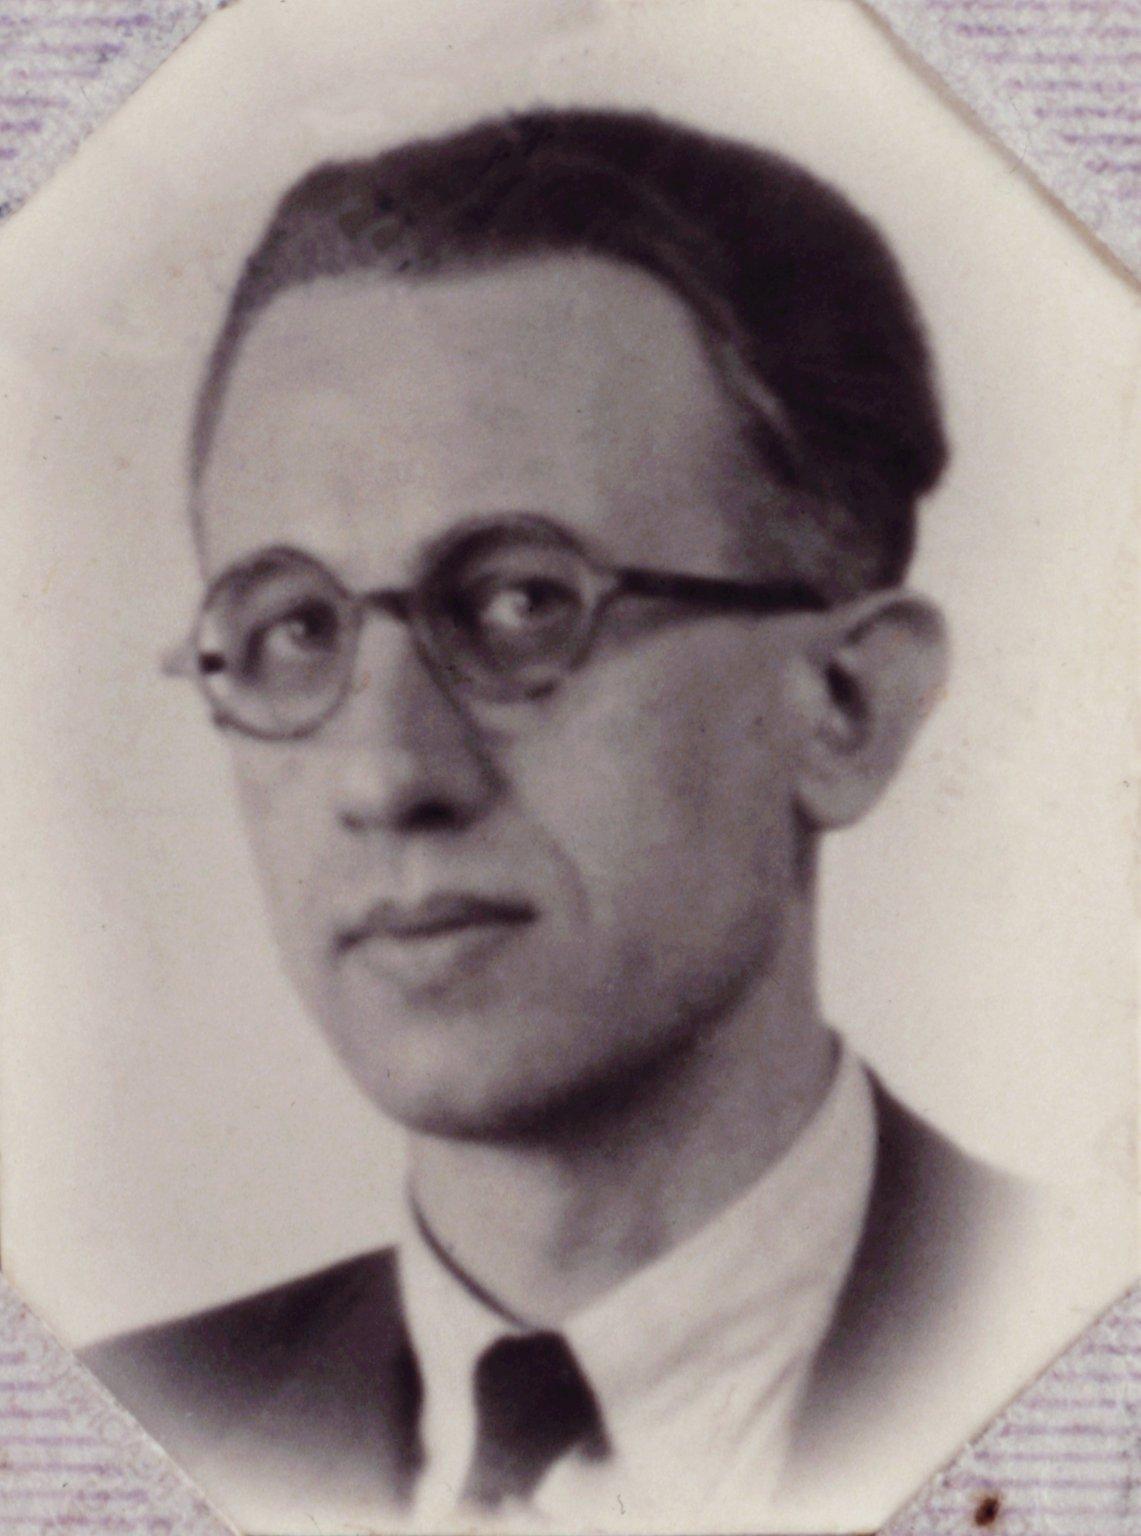 Jan Gies, around 1940.